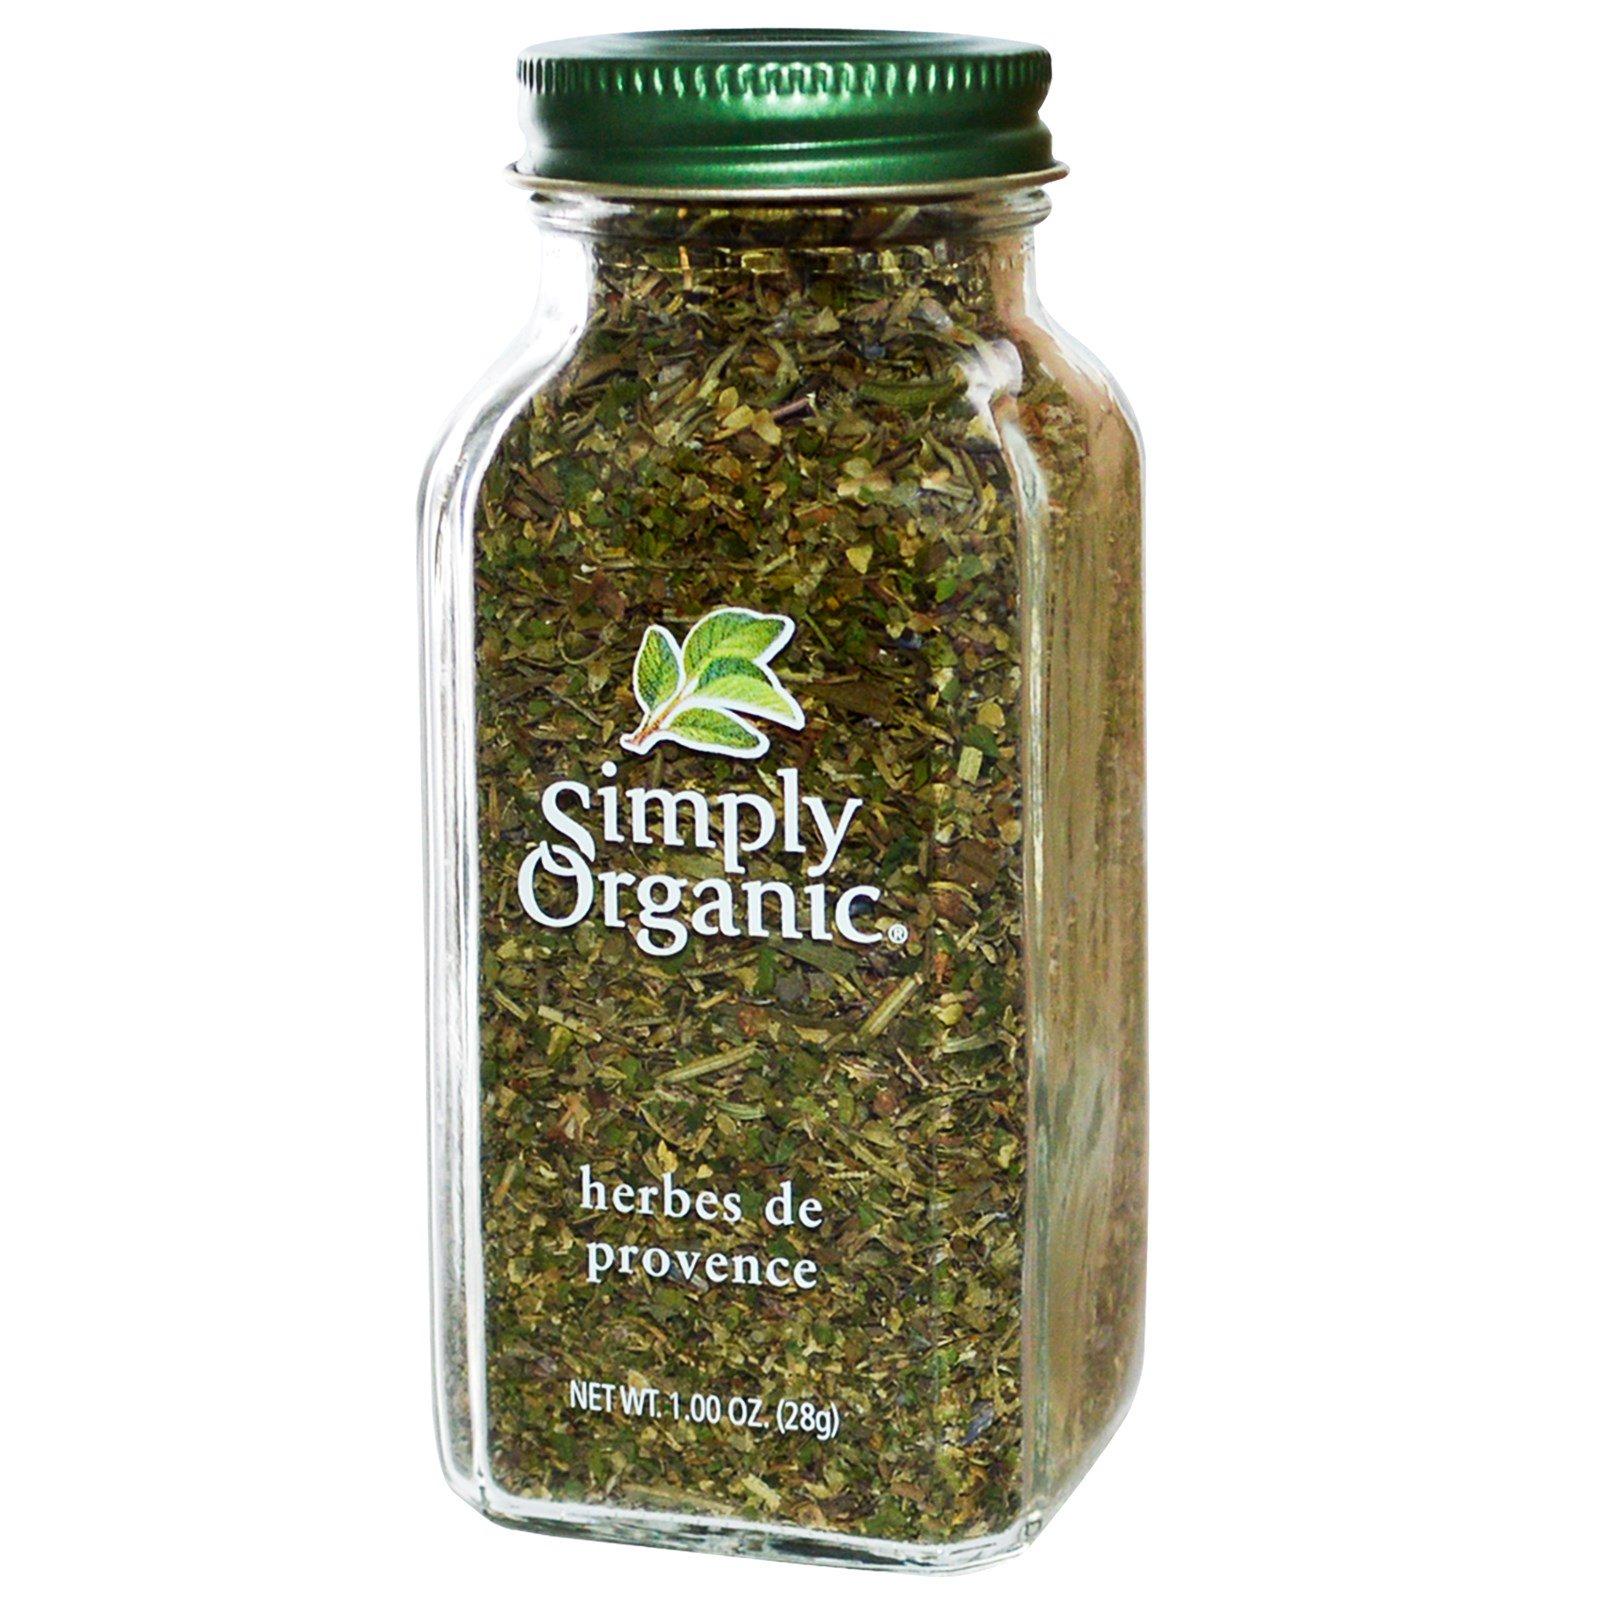 Simply Organic, Прованские травы, 1 унция (28 г)